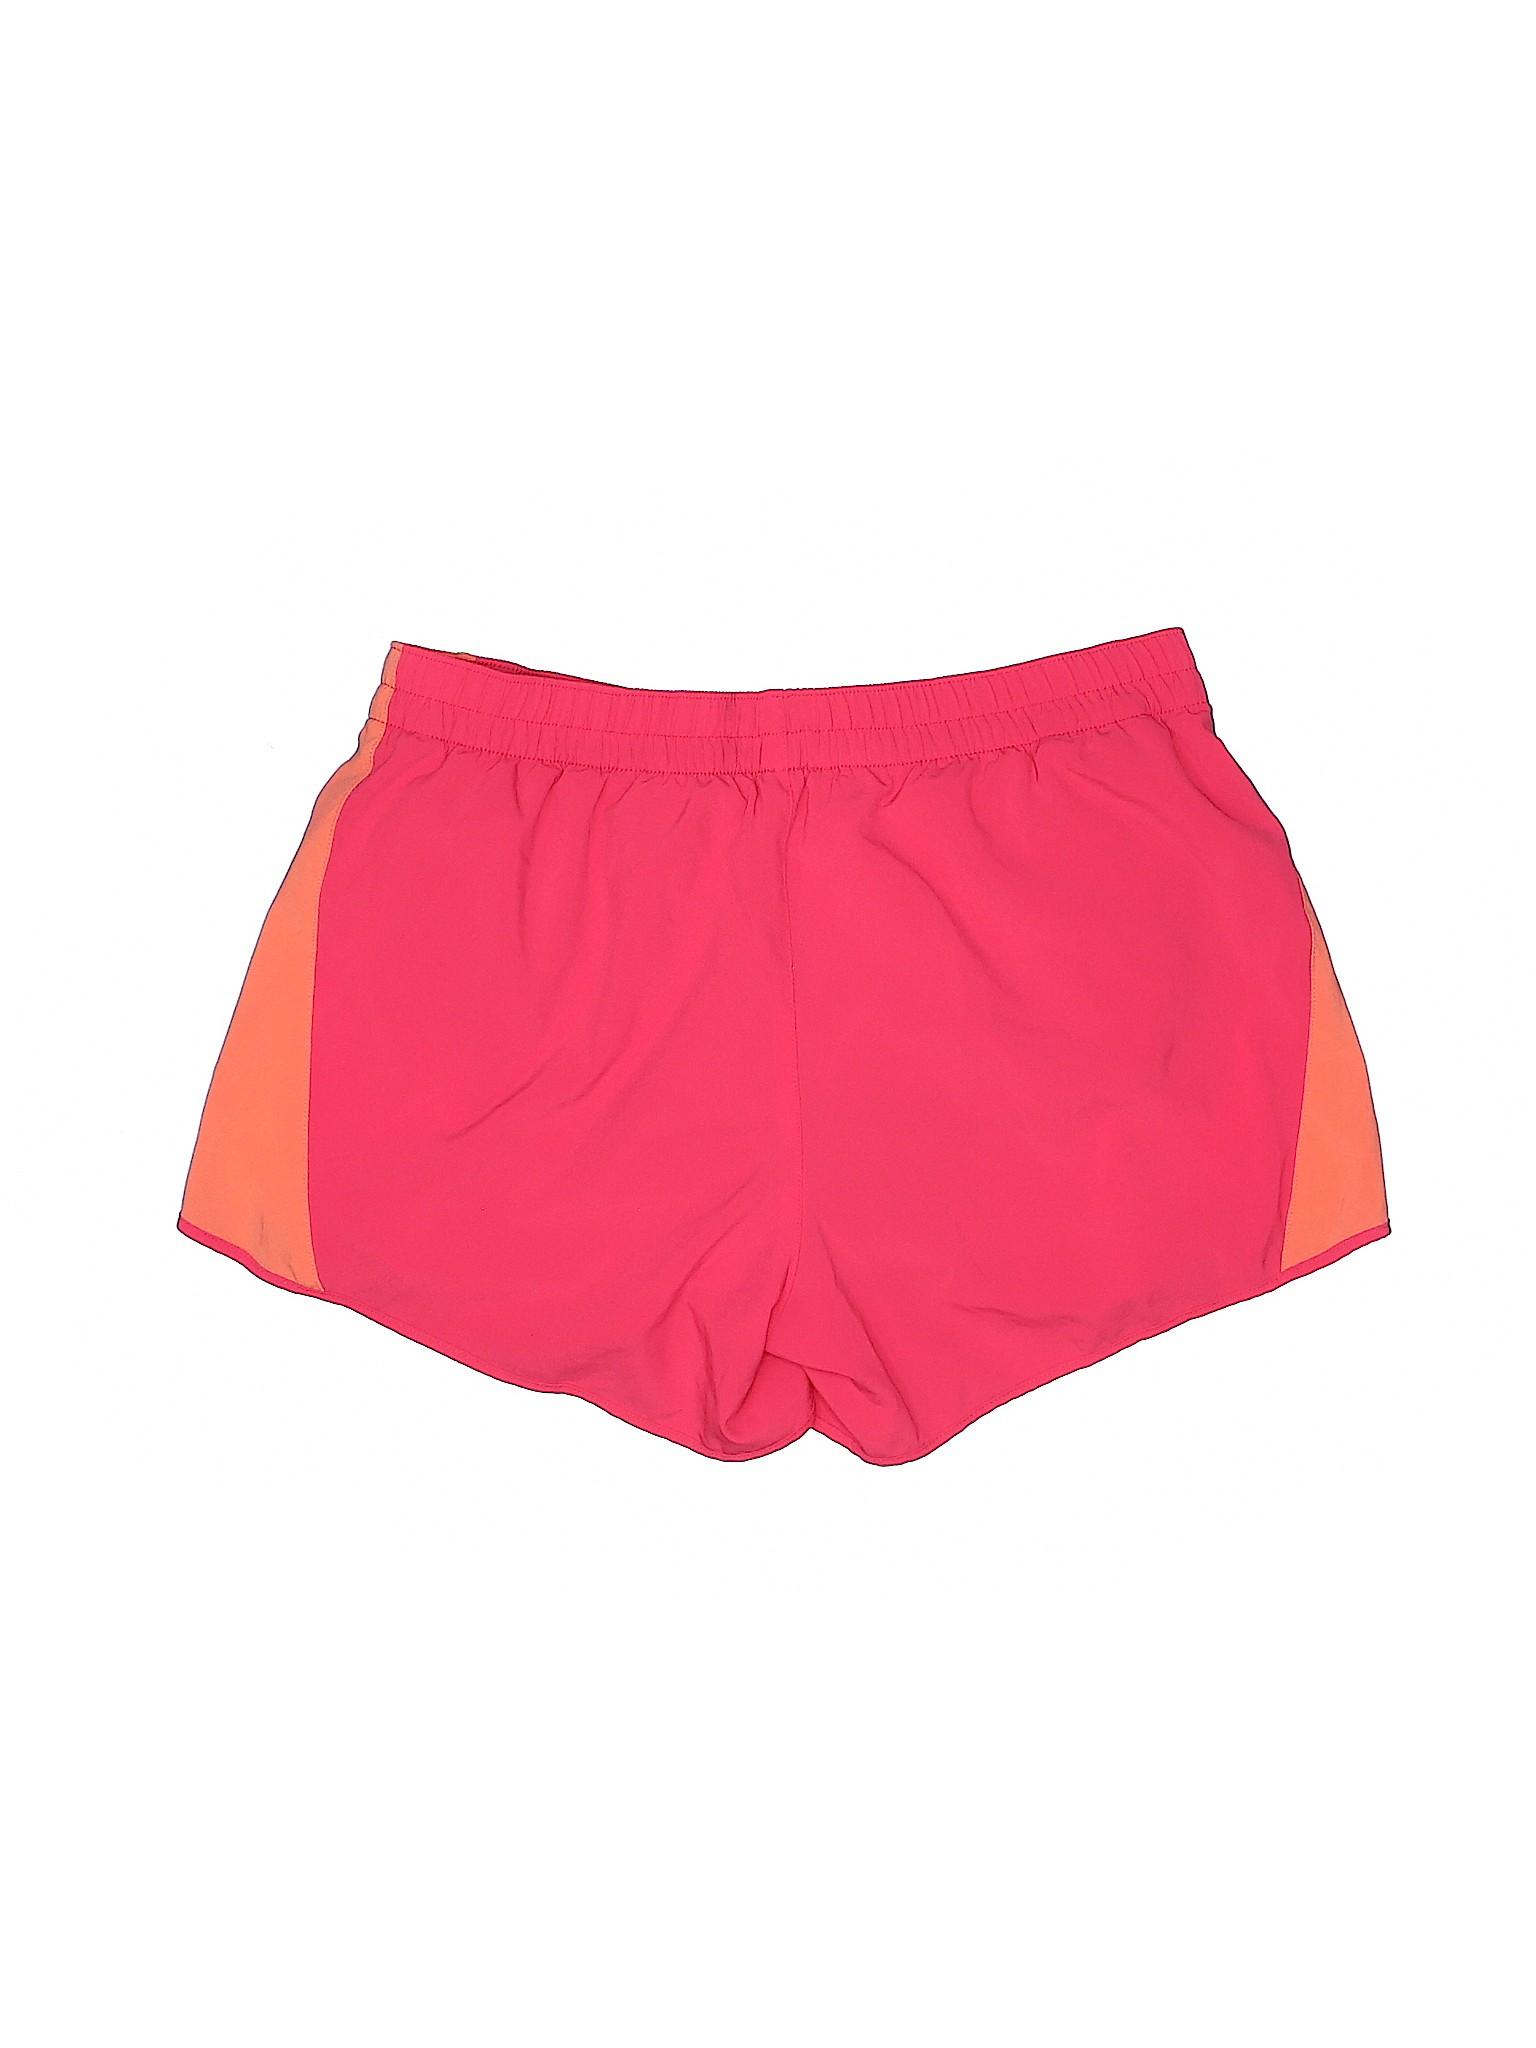 Shorts Fit Athletic Gap Boutique Gap Boutique xtqwSga88X